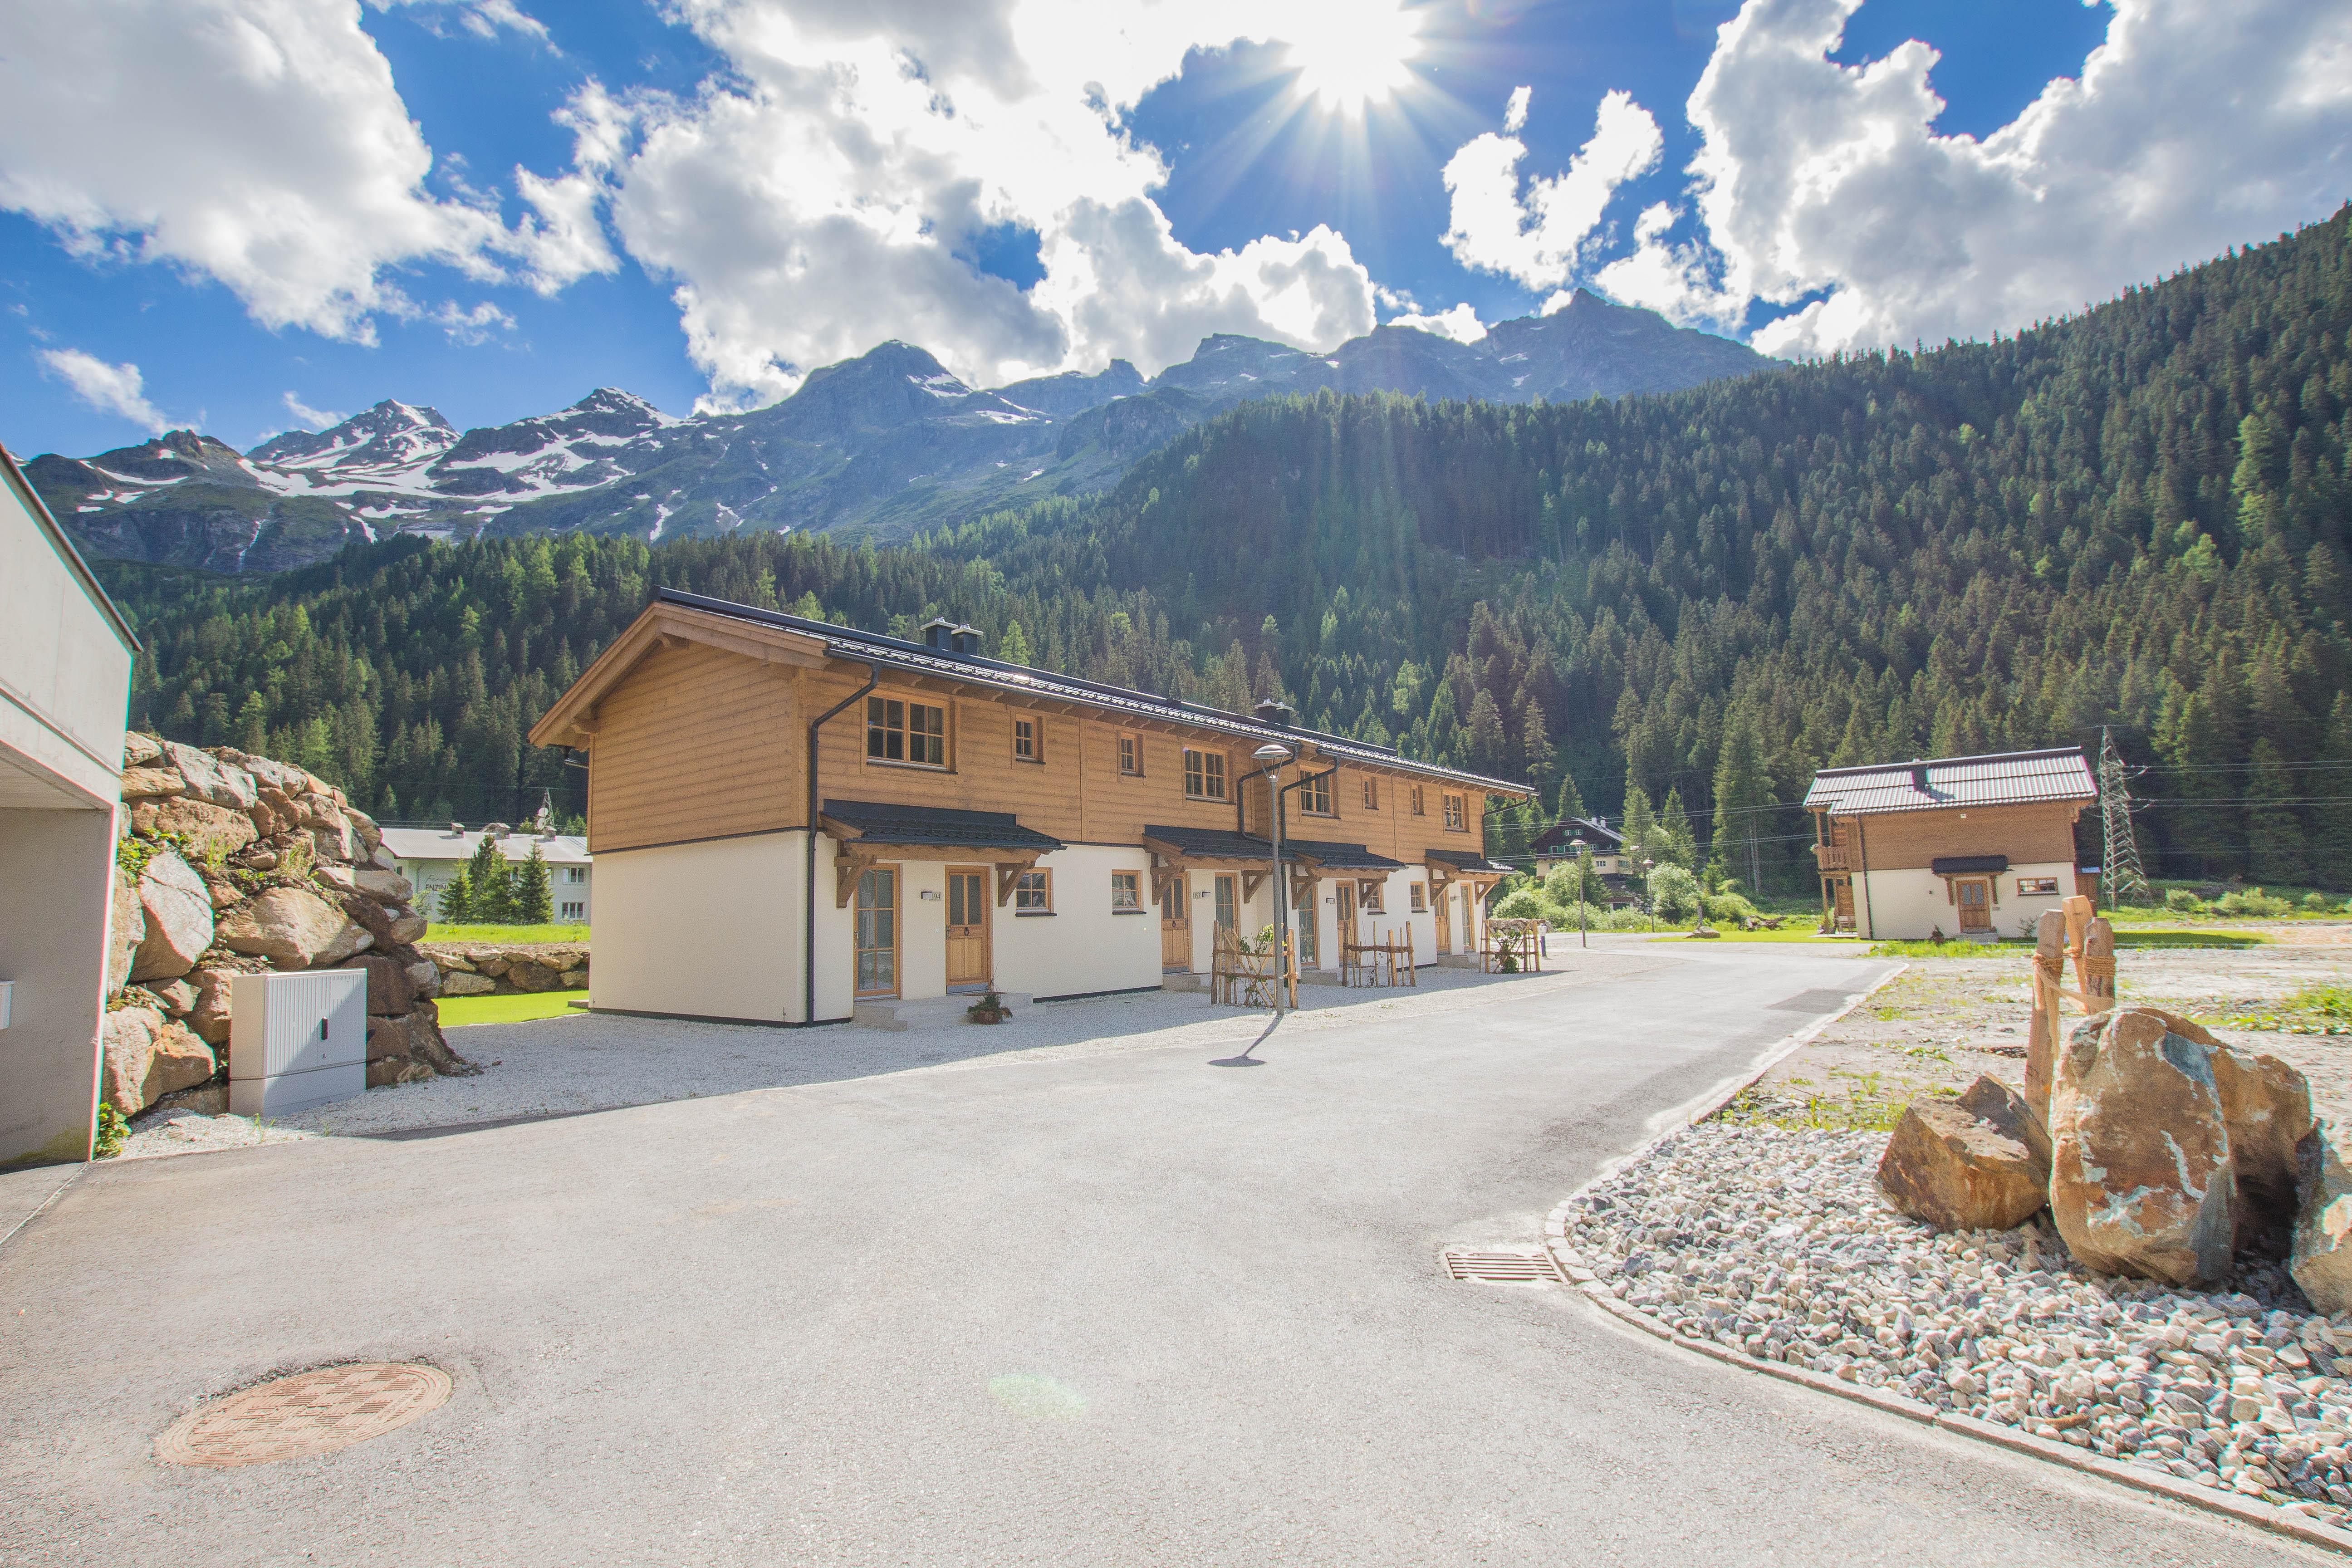 Maison de vacances Lodge Enzian direkt am Skilift (2050396), Uttendorf, Pinzgau, Salzbourg, Autriche, image 37